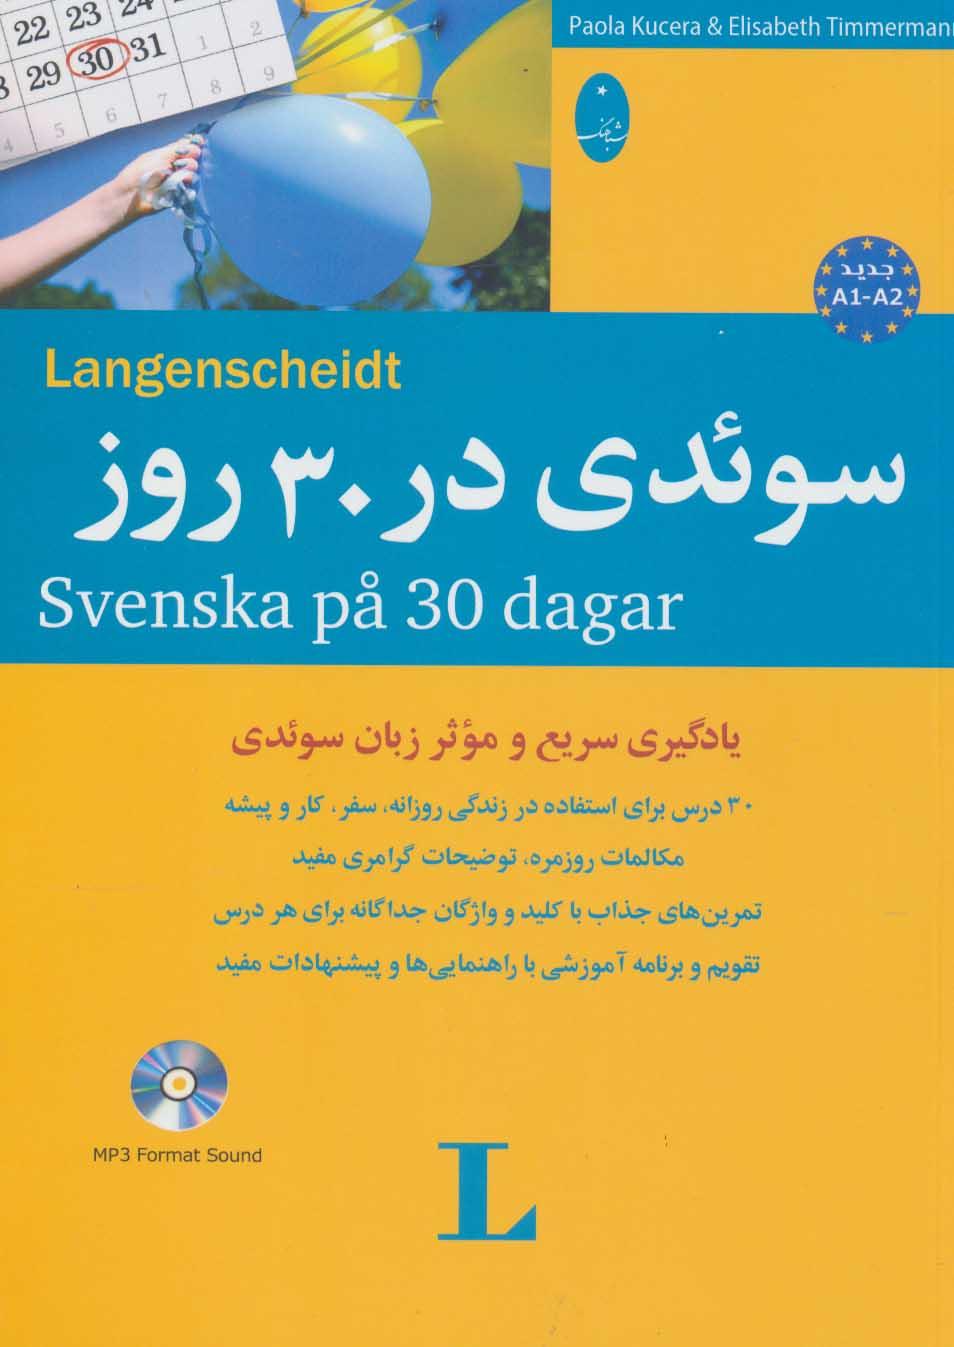 سوئدی در 30 روز،همراه با سی دی (صوتی)،(2زبانه)